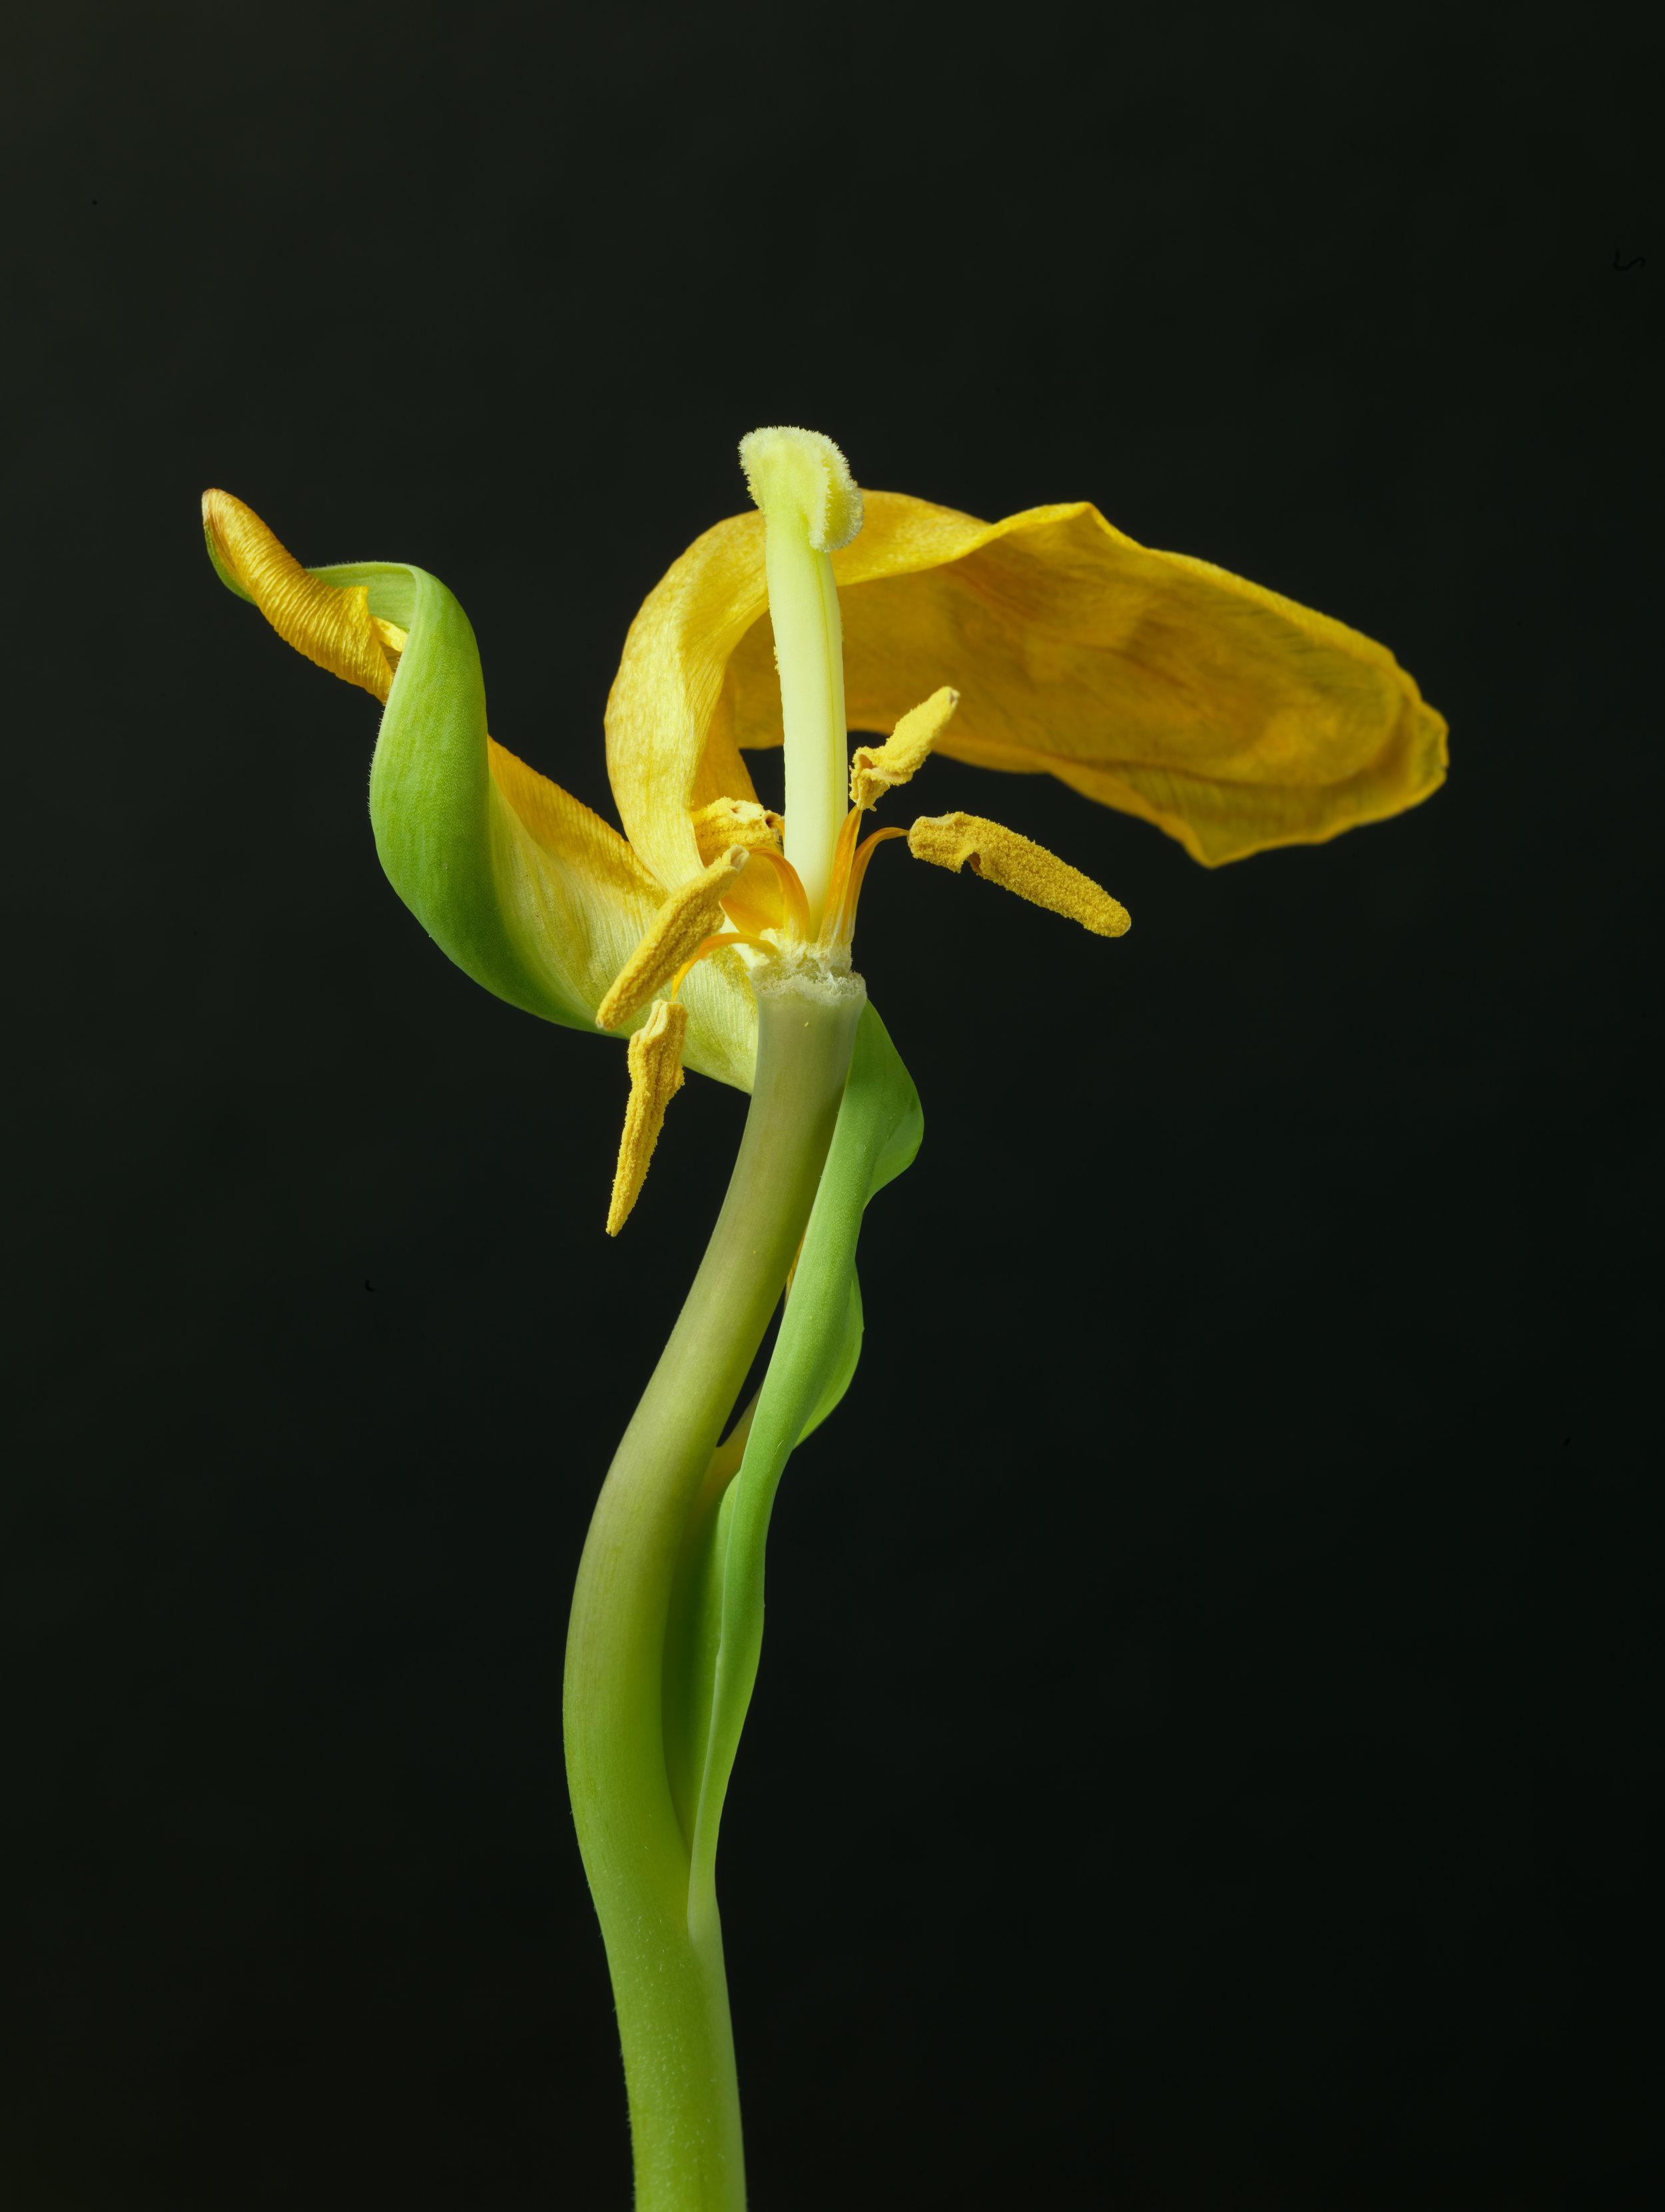 Yellow Tulip #19